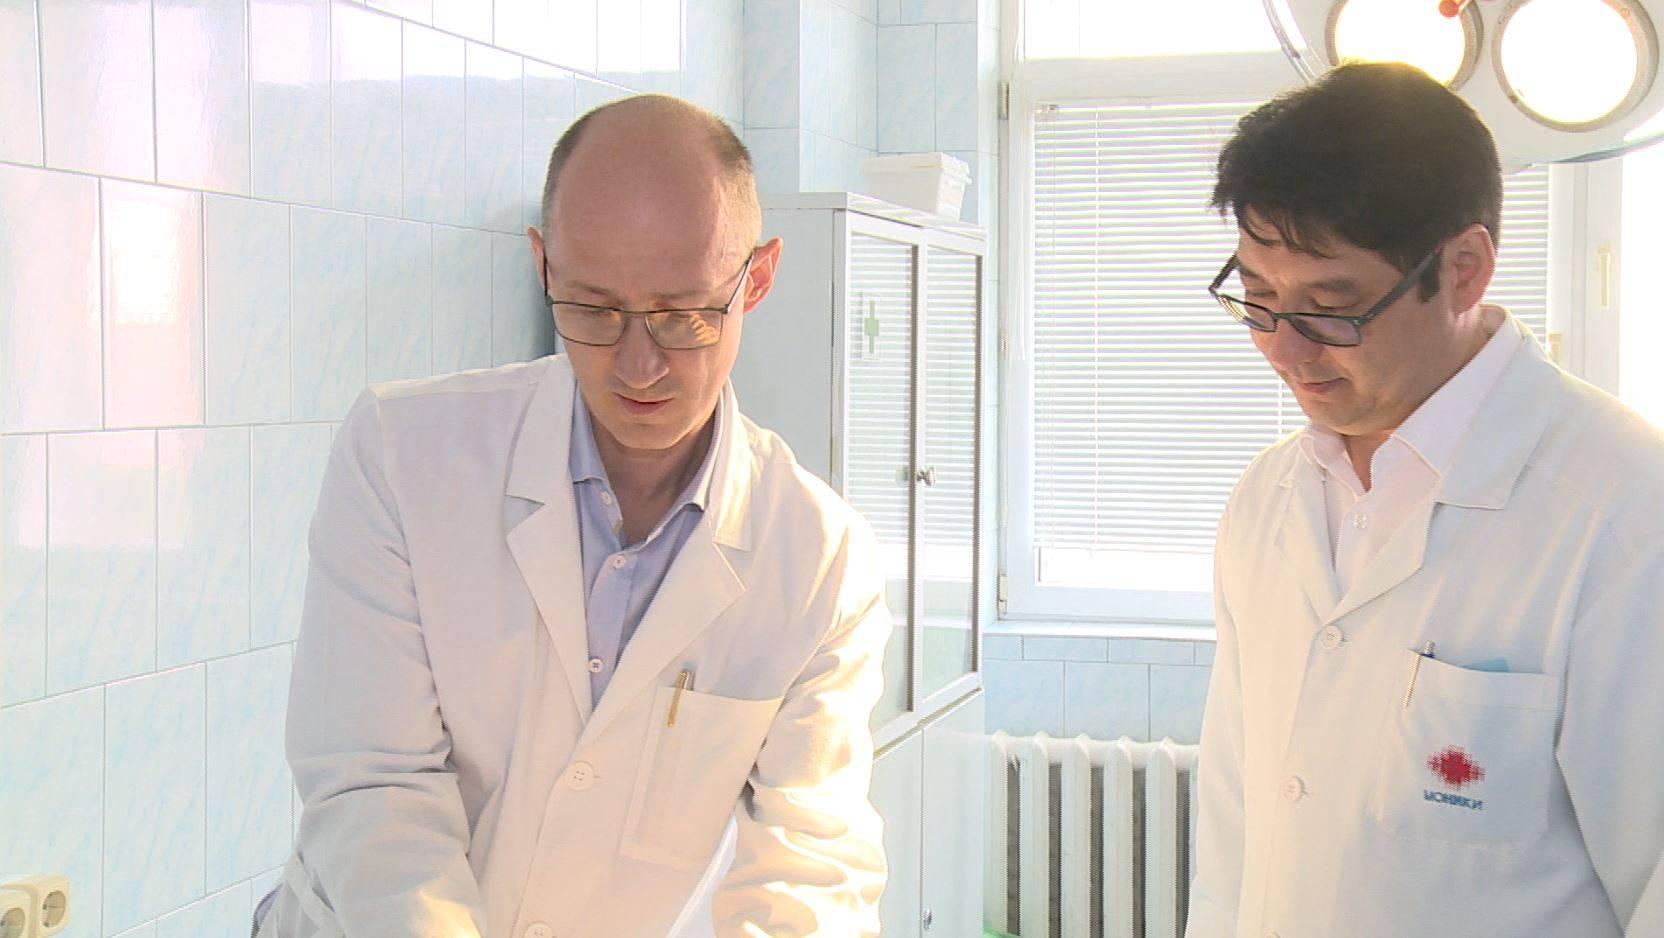 Лечение рака глотки в израиле: цены 2021 года | клиника хадасса